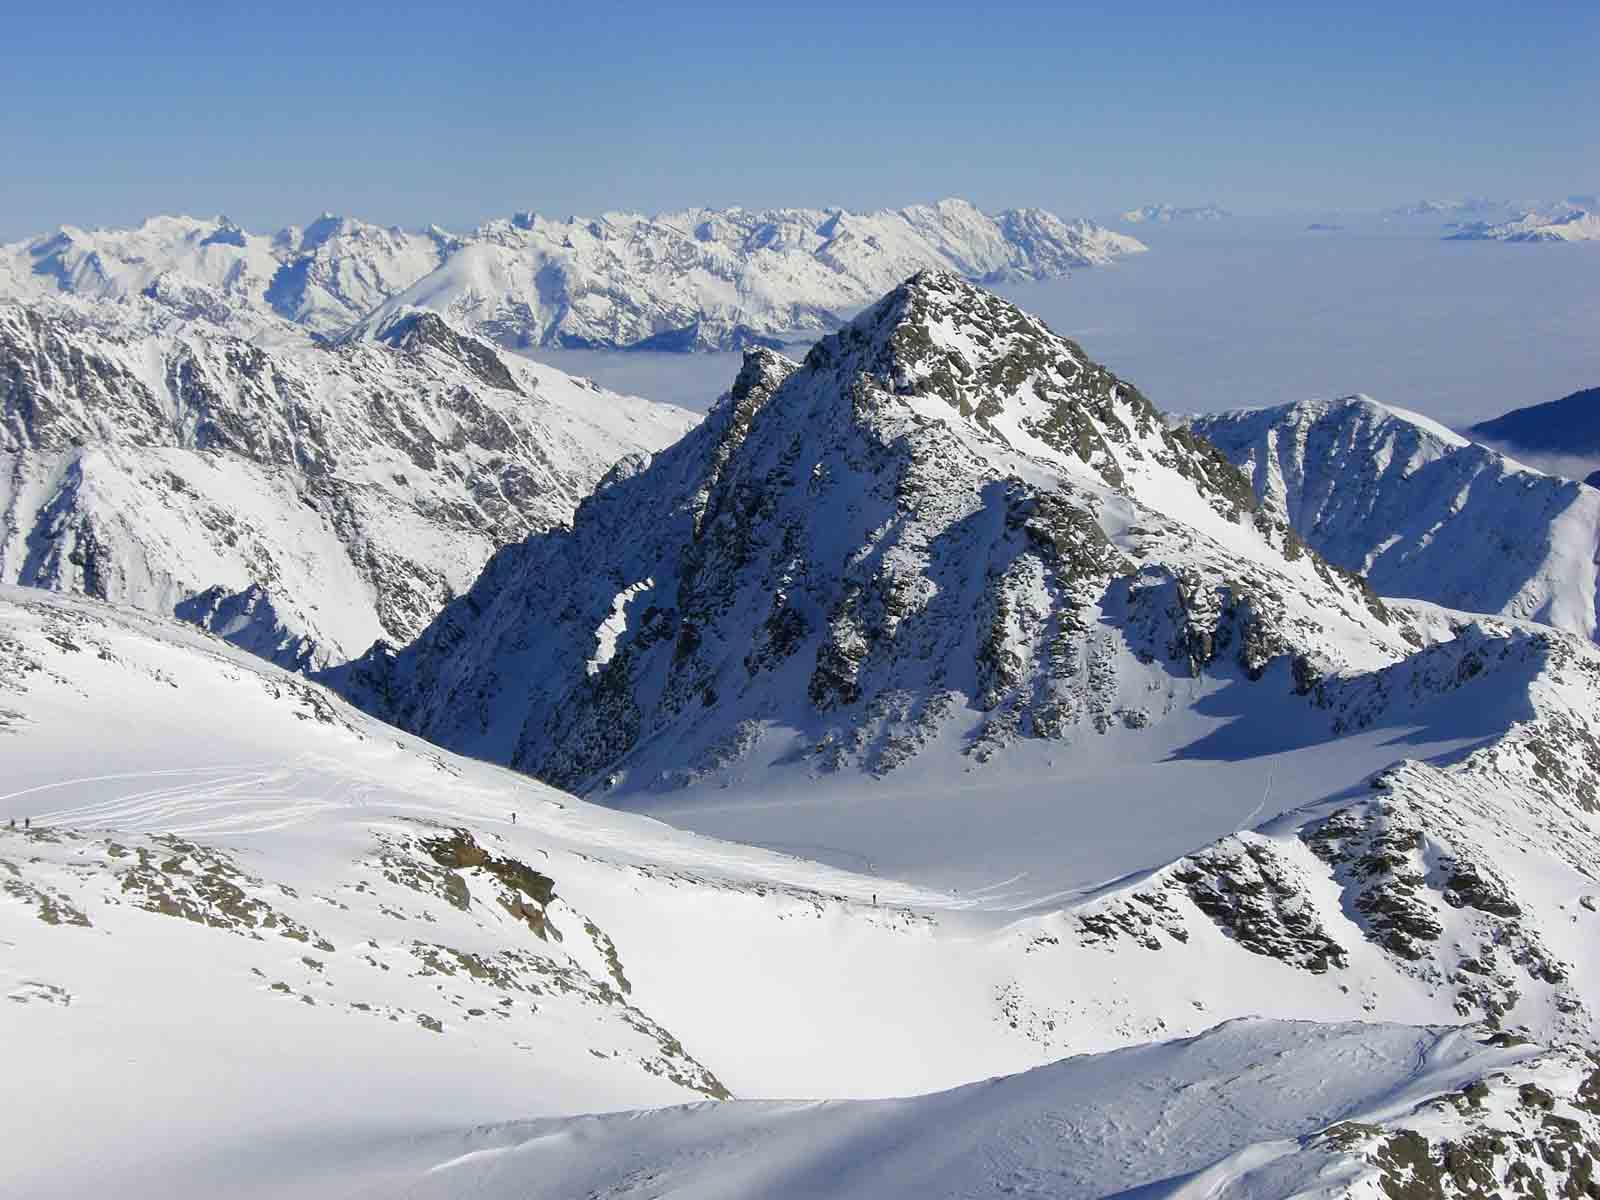 Foto: Thomas Paschinger / Skitour / Zwieselsbacher Roßkogel, 3081m / Blick zur Rotgrubenspitze mit Gletscherbecken und ins nebelverhangene Inntal / 07.02.2009 13:37:52